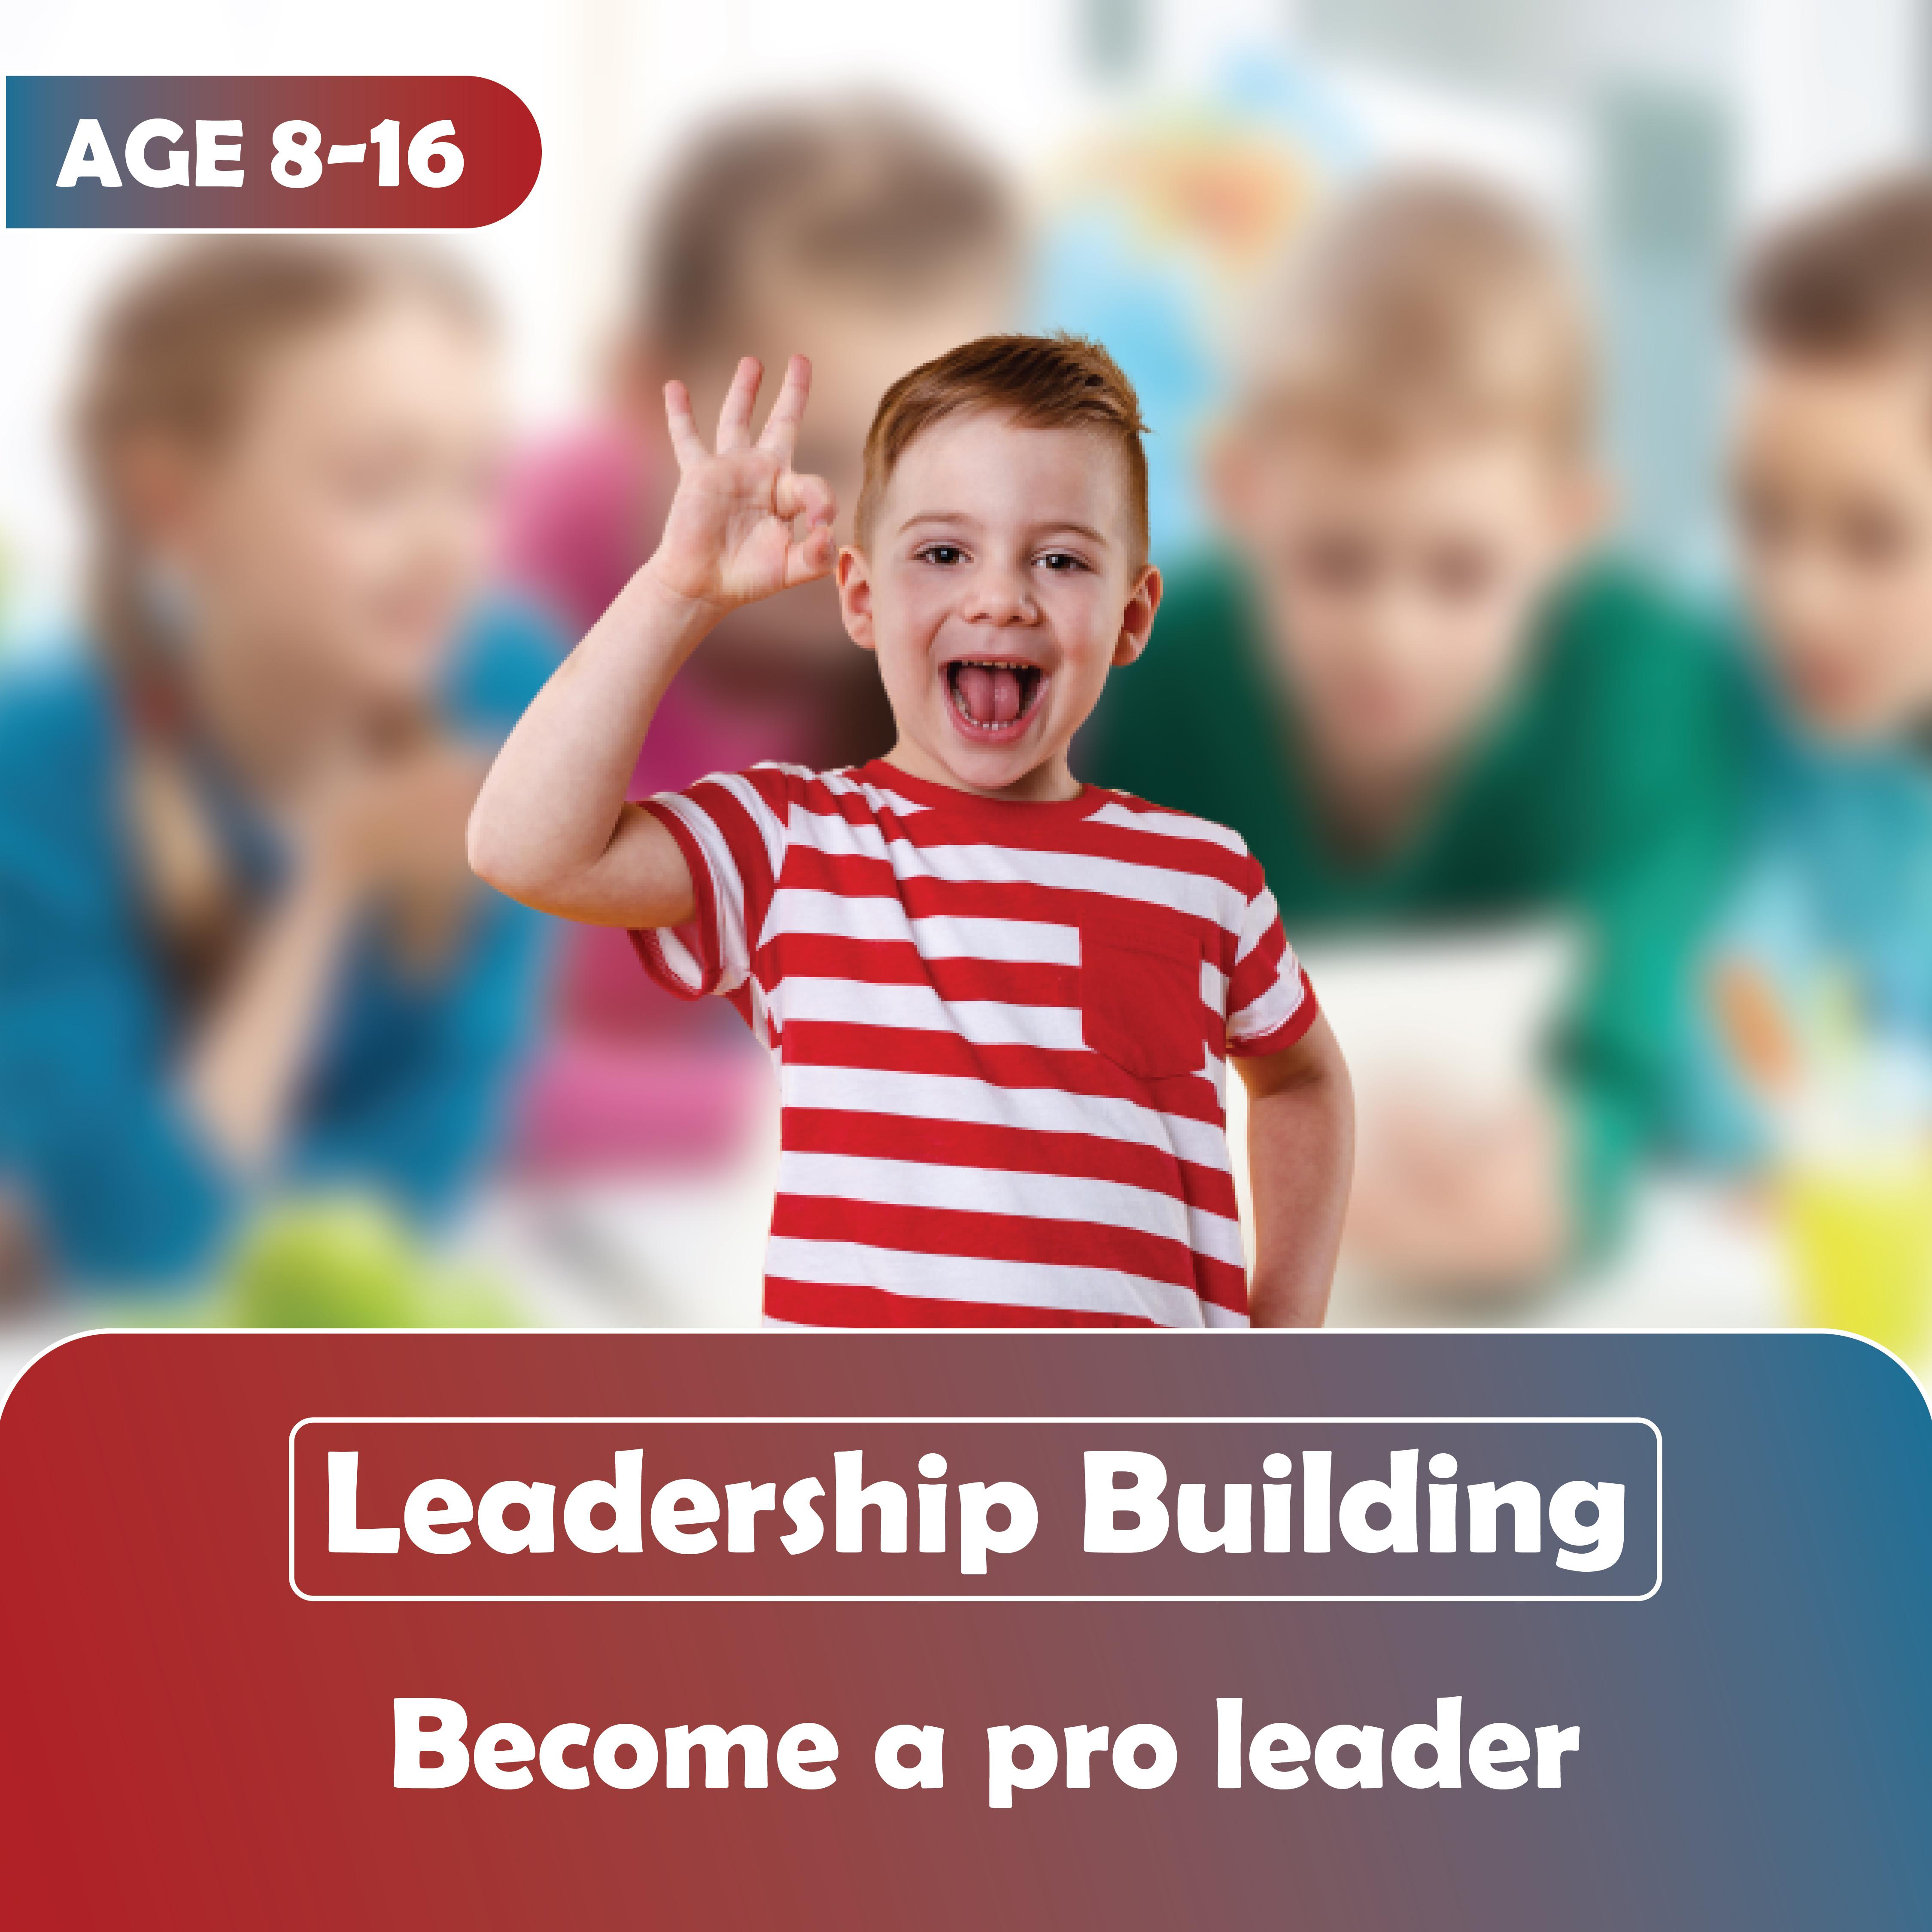 Leadership Skills - Key Traits